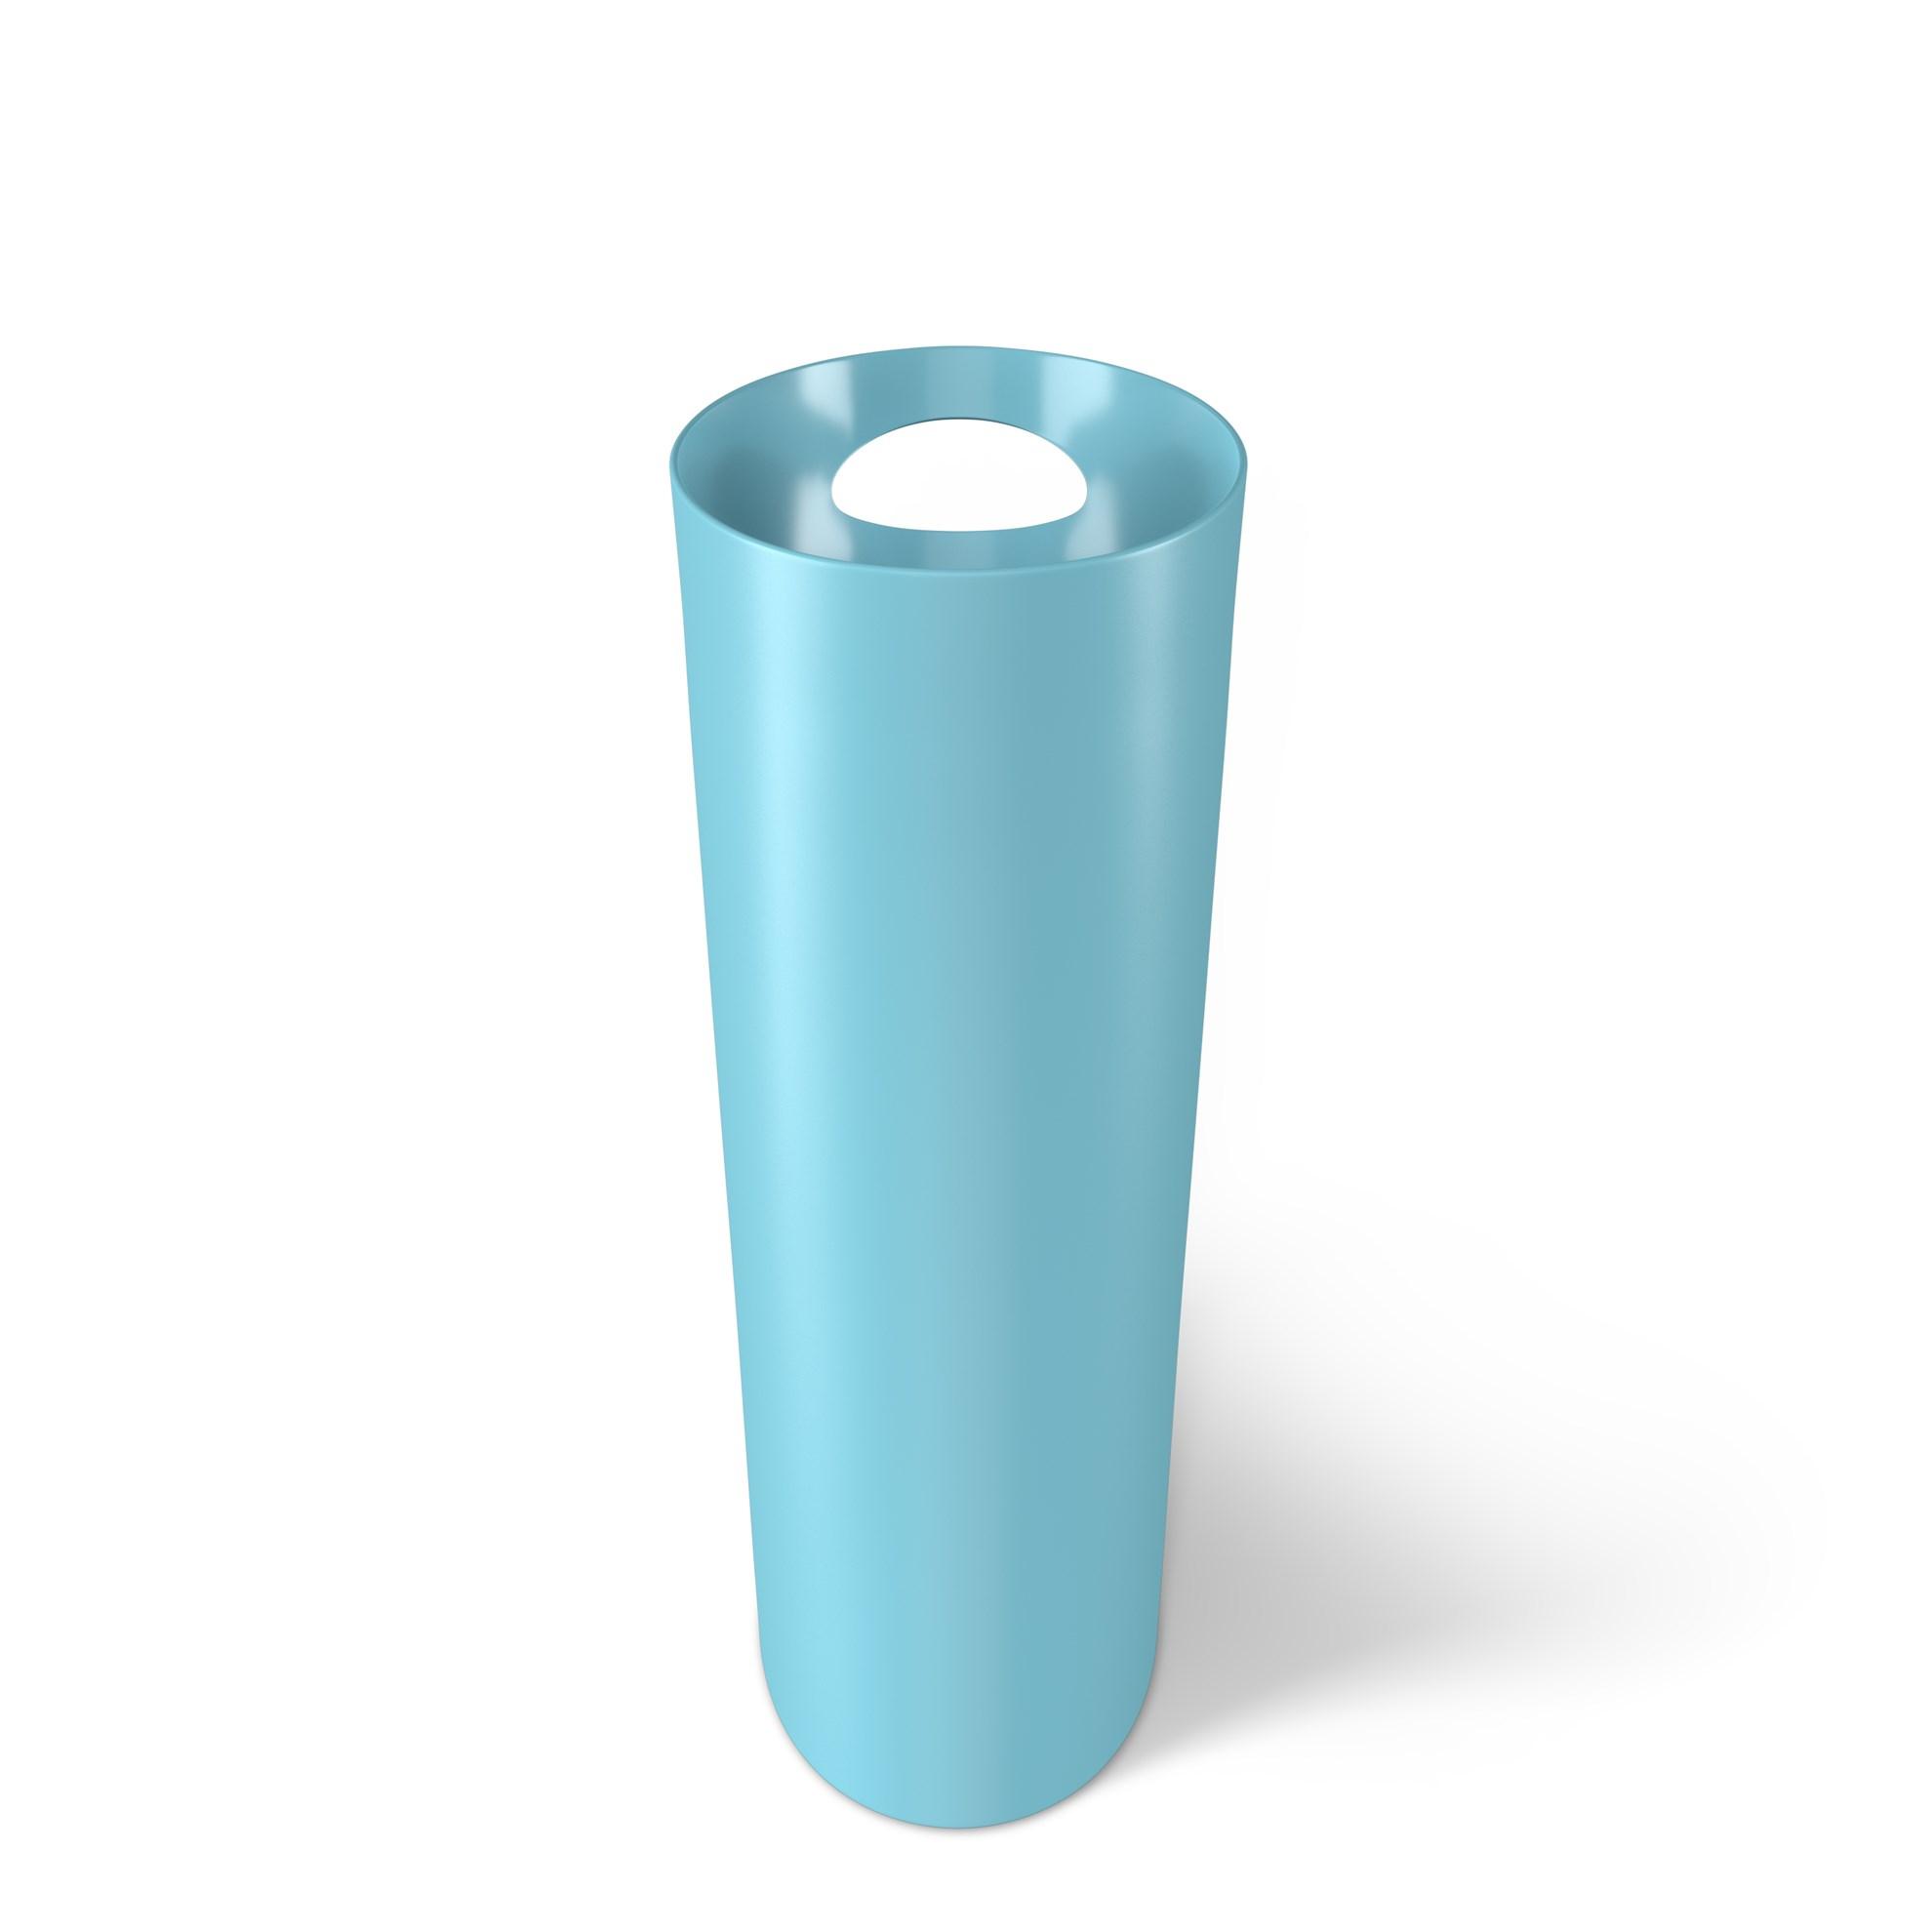 Odpadkový koš SKINNY 7,5 l tyrkysový_2